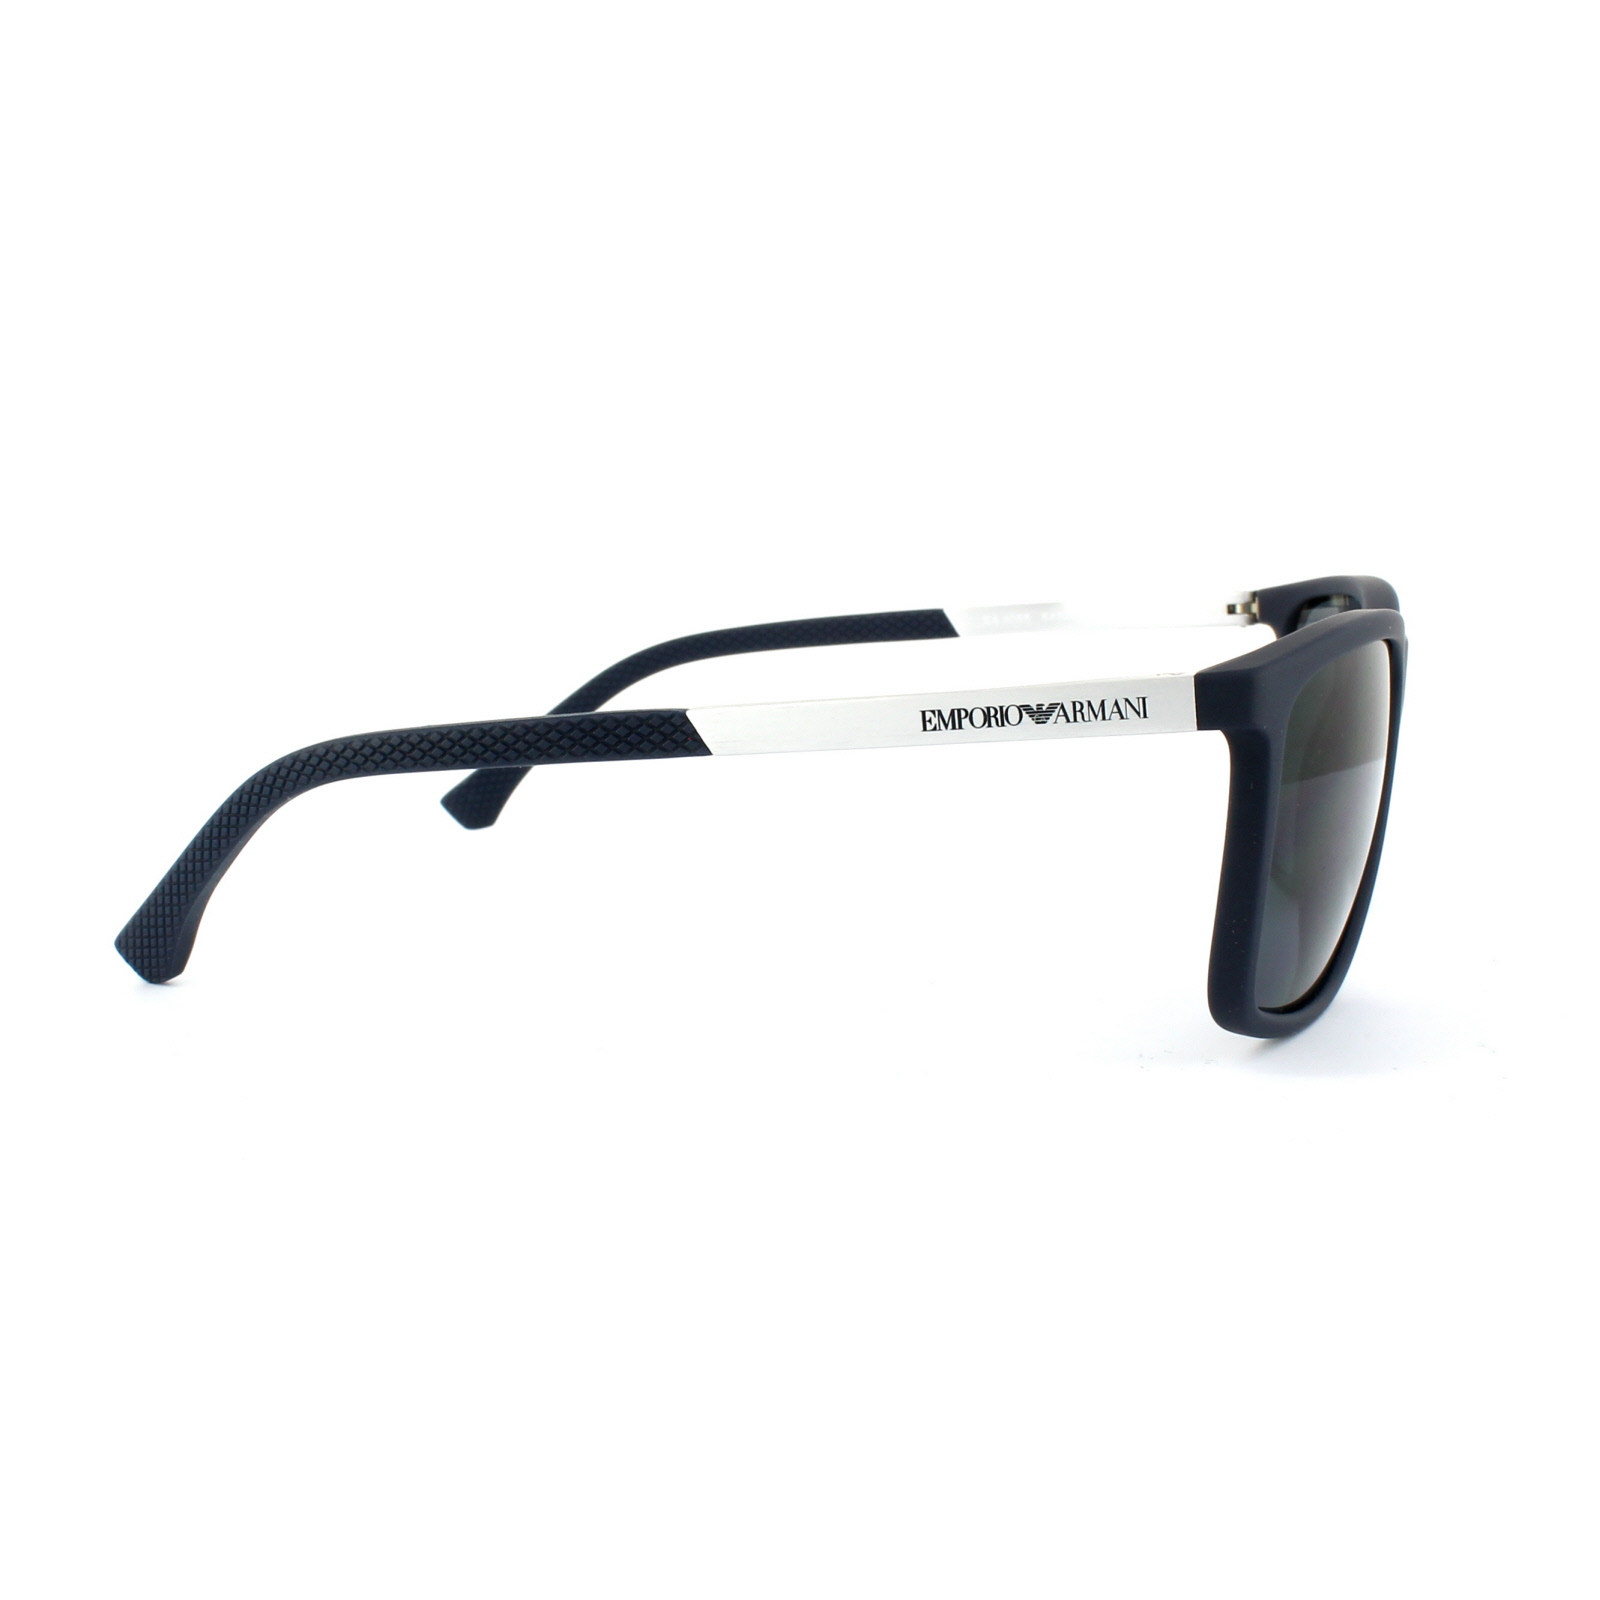 560c9d263ce14 Sentinel Emporio Armani Sunglasses 4058 5474 87 Blue Rubber Grey